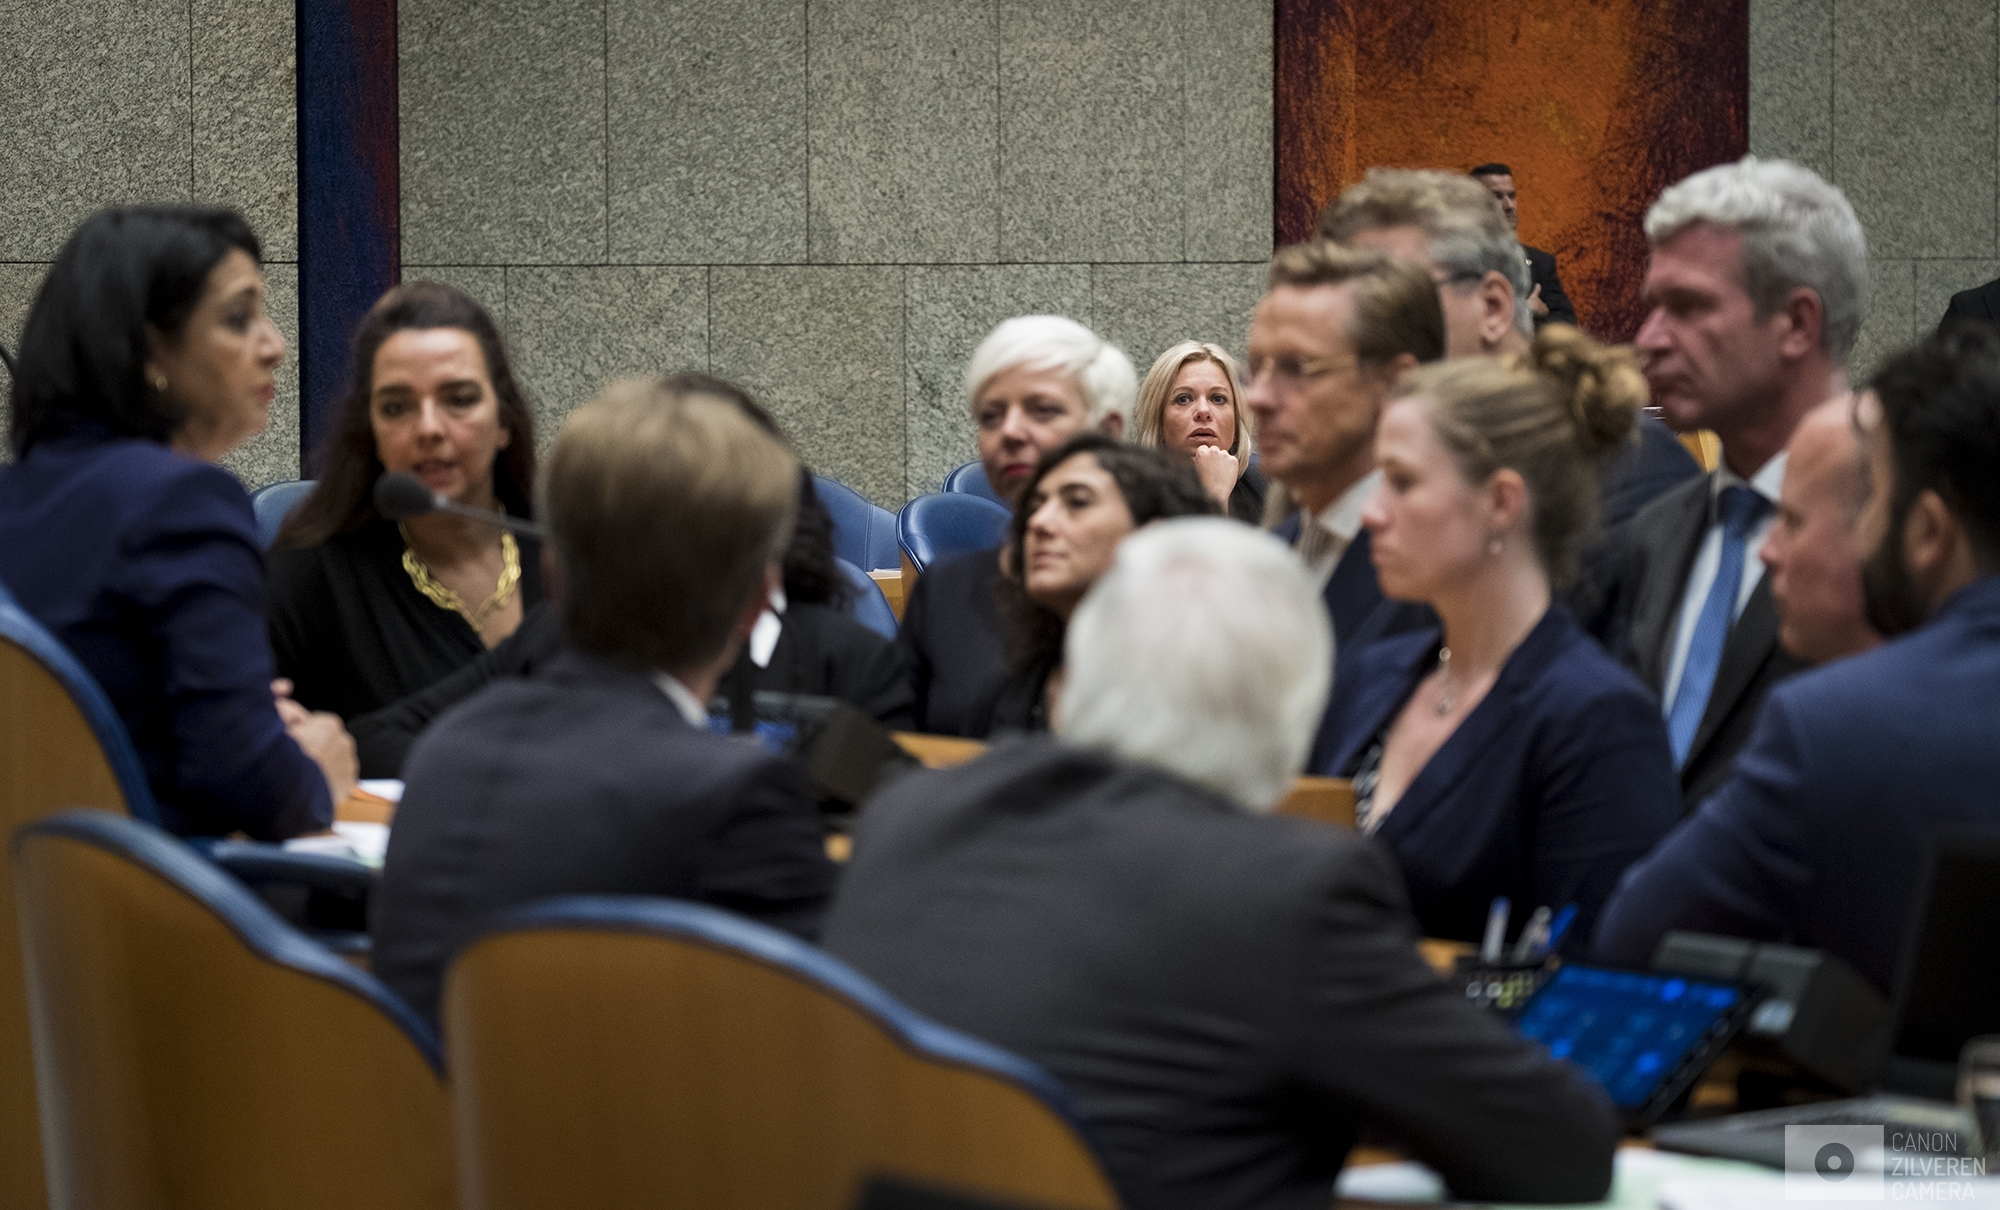 Nederland, Den Haag, 03102017- Minister van Defensie Jeanine Hennis-Plasschaert treedt af.Foto: David van Dam